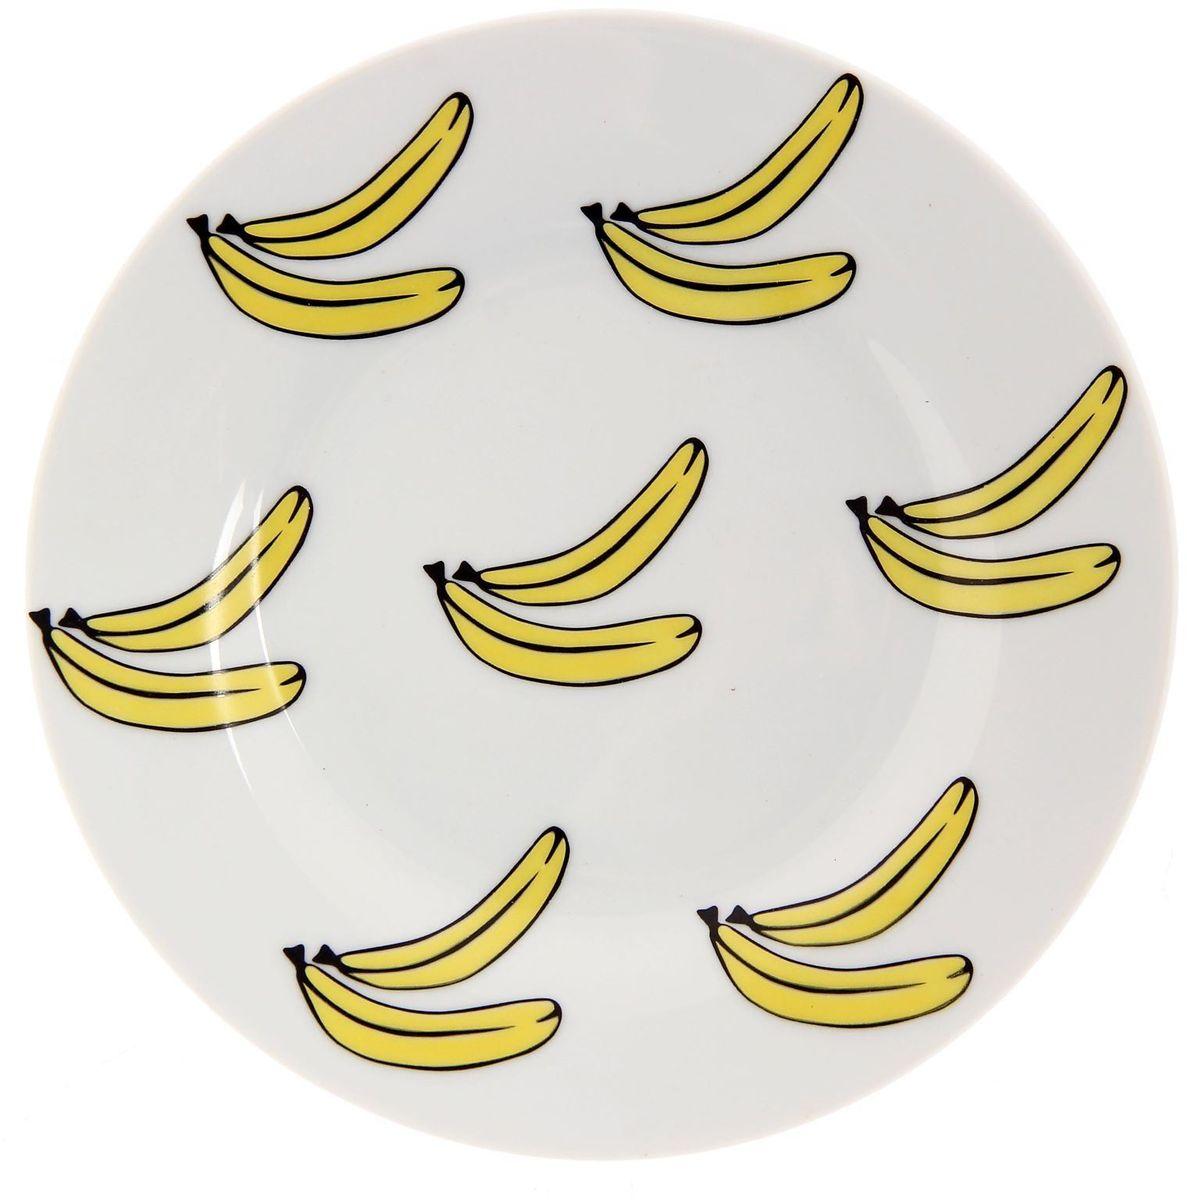 Тарелка мелкая Сотвори чудо Бананы, диаметр 15,5 см54 009312Хотите обновить интерьер кухни или гостиной? Устраиваете необычную фотосессию или тематический праздник? А может, просто ищете подарок для близкого человека? Посуда Сотвори Чудо — правильный выбор в любой ситуации. Тарелка Сотвори Чудо, изготовленная из изящного фаянса нежного сливочного цвета, оформлена оригинальным рисунком со стойкой краской. Пригодна для посудомоечной машины.